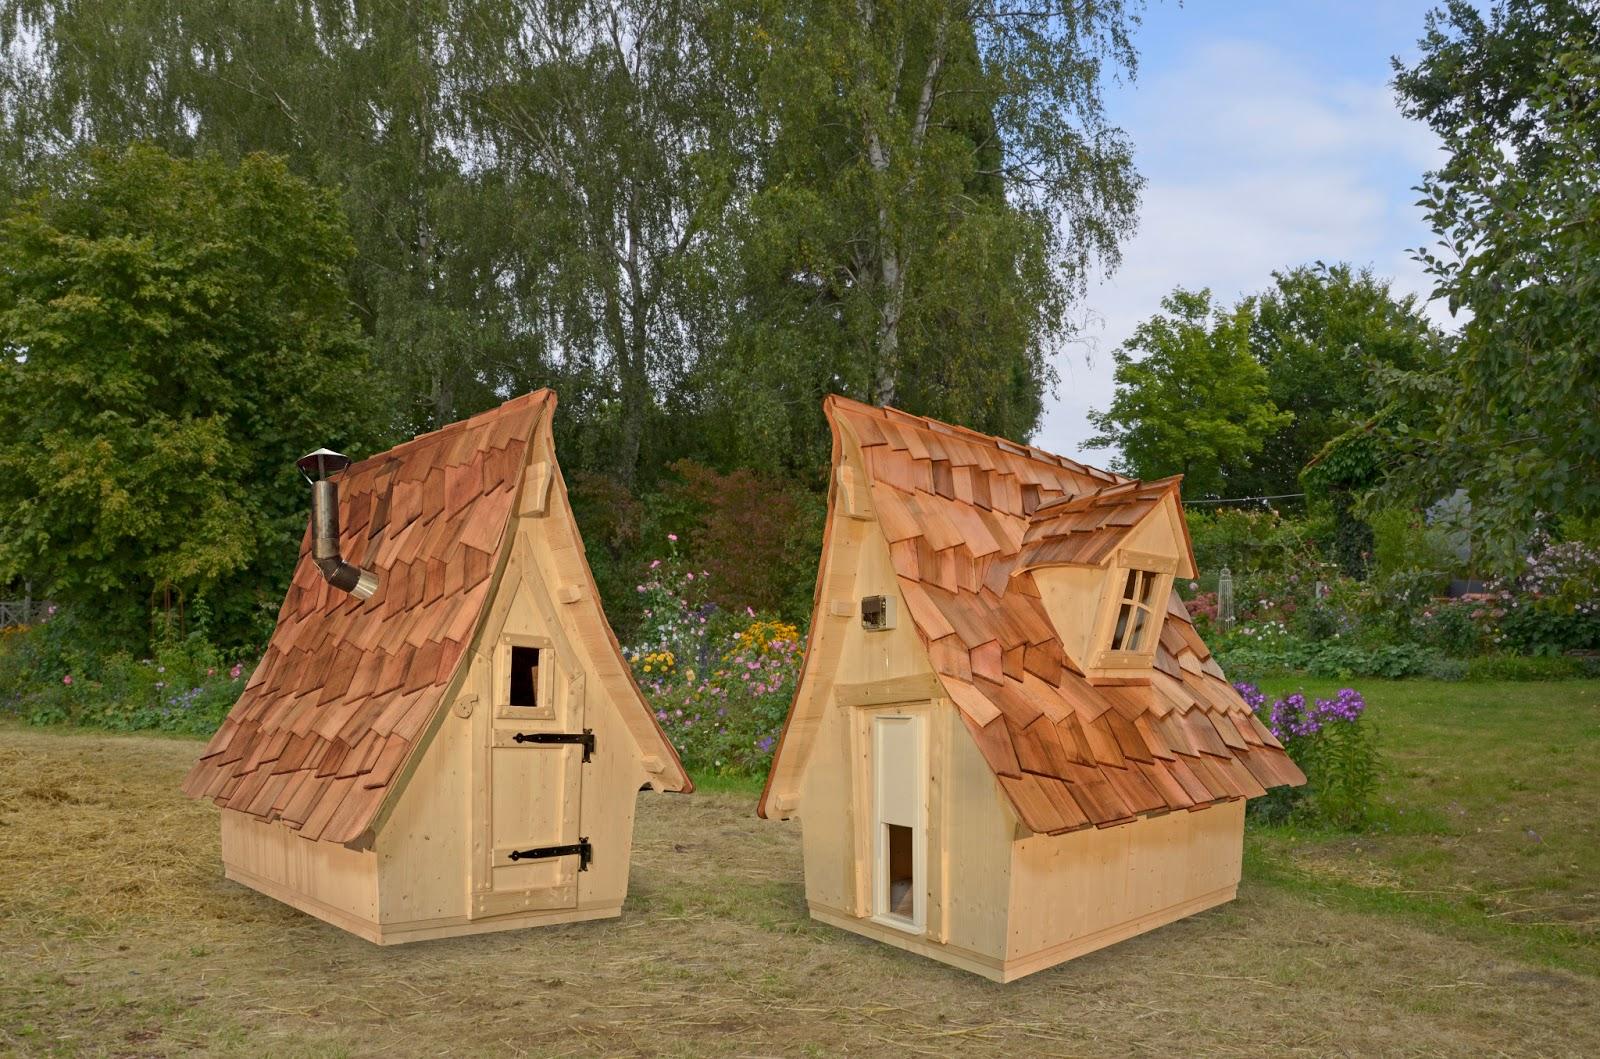 meiselbach mobilheime h hnerhaus neues aus der welt von kiki teil 3. Black Bedroom Furniture Sets. Home Design Ideas